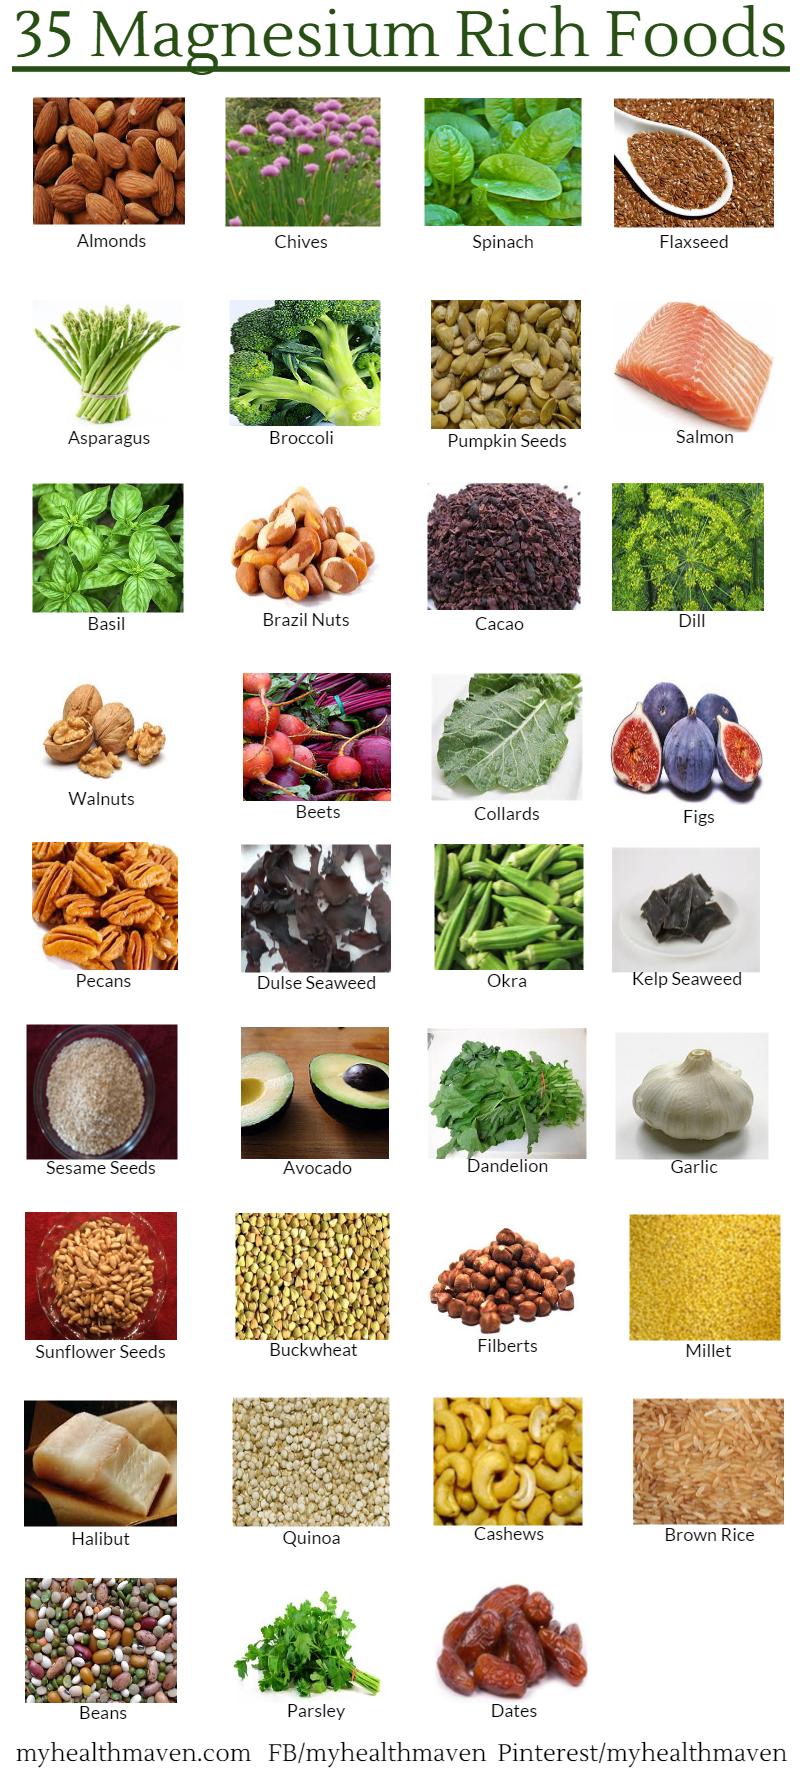 35-magnesium-rich-foods